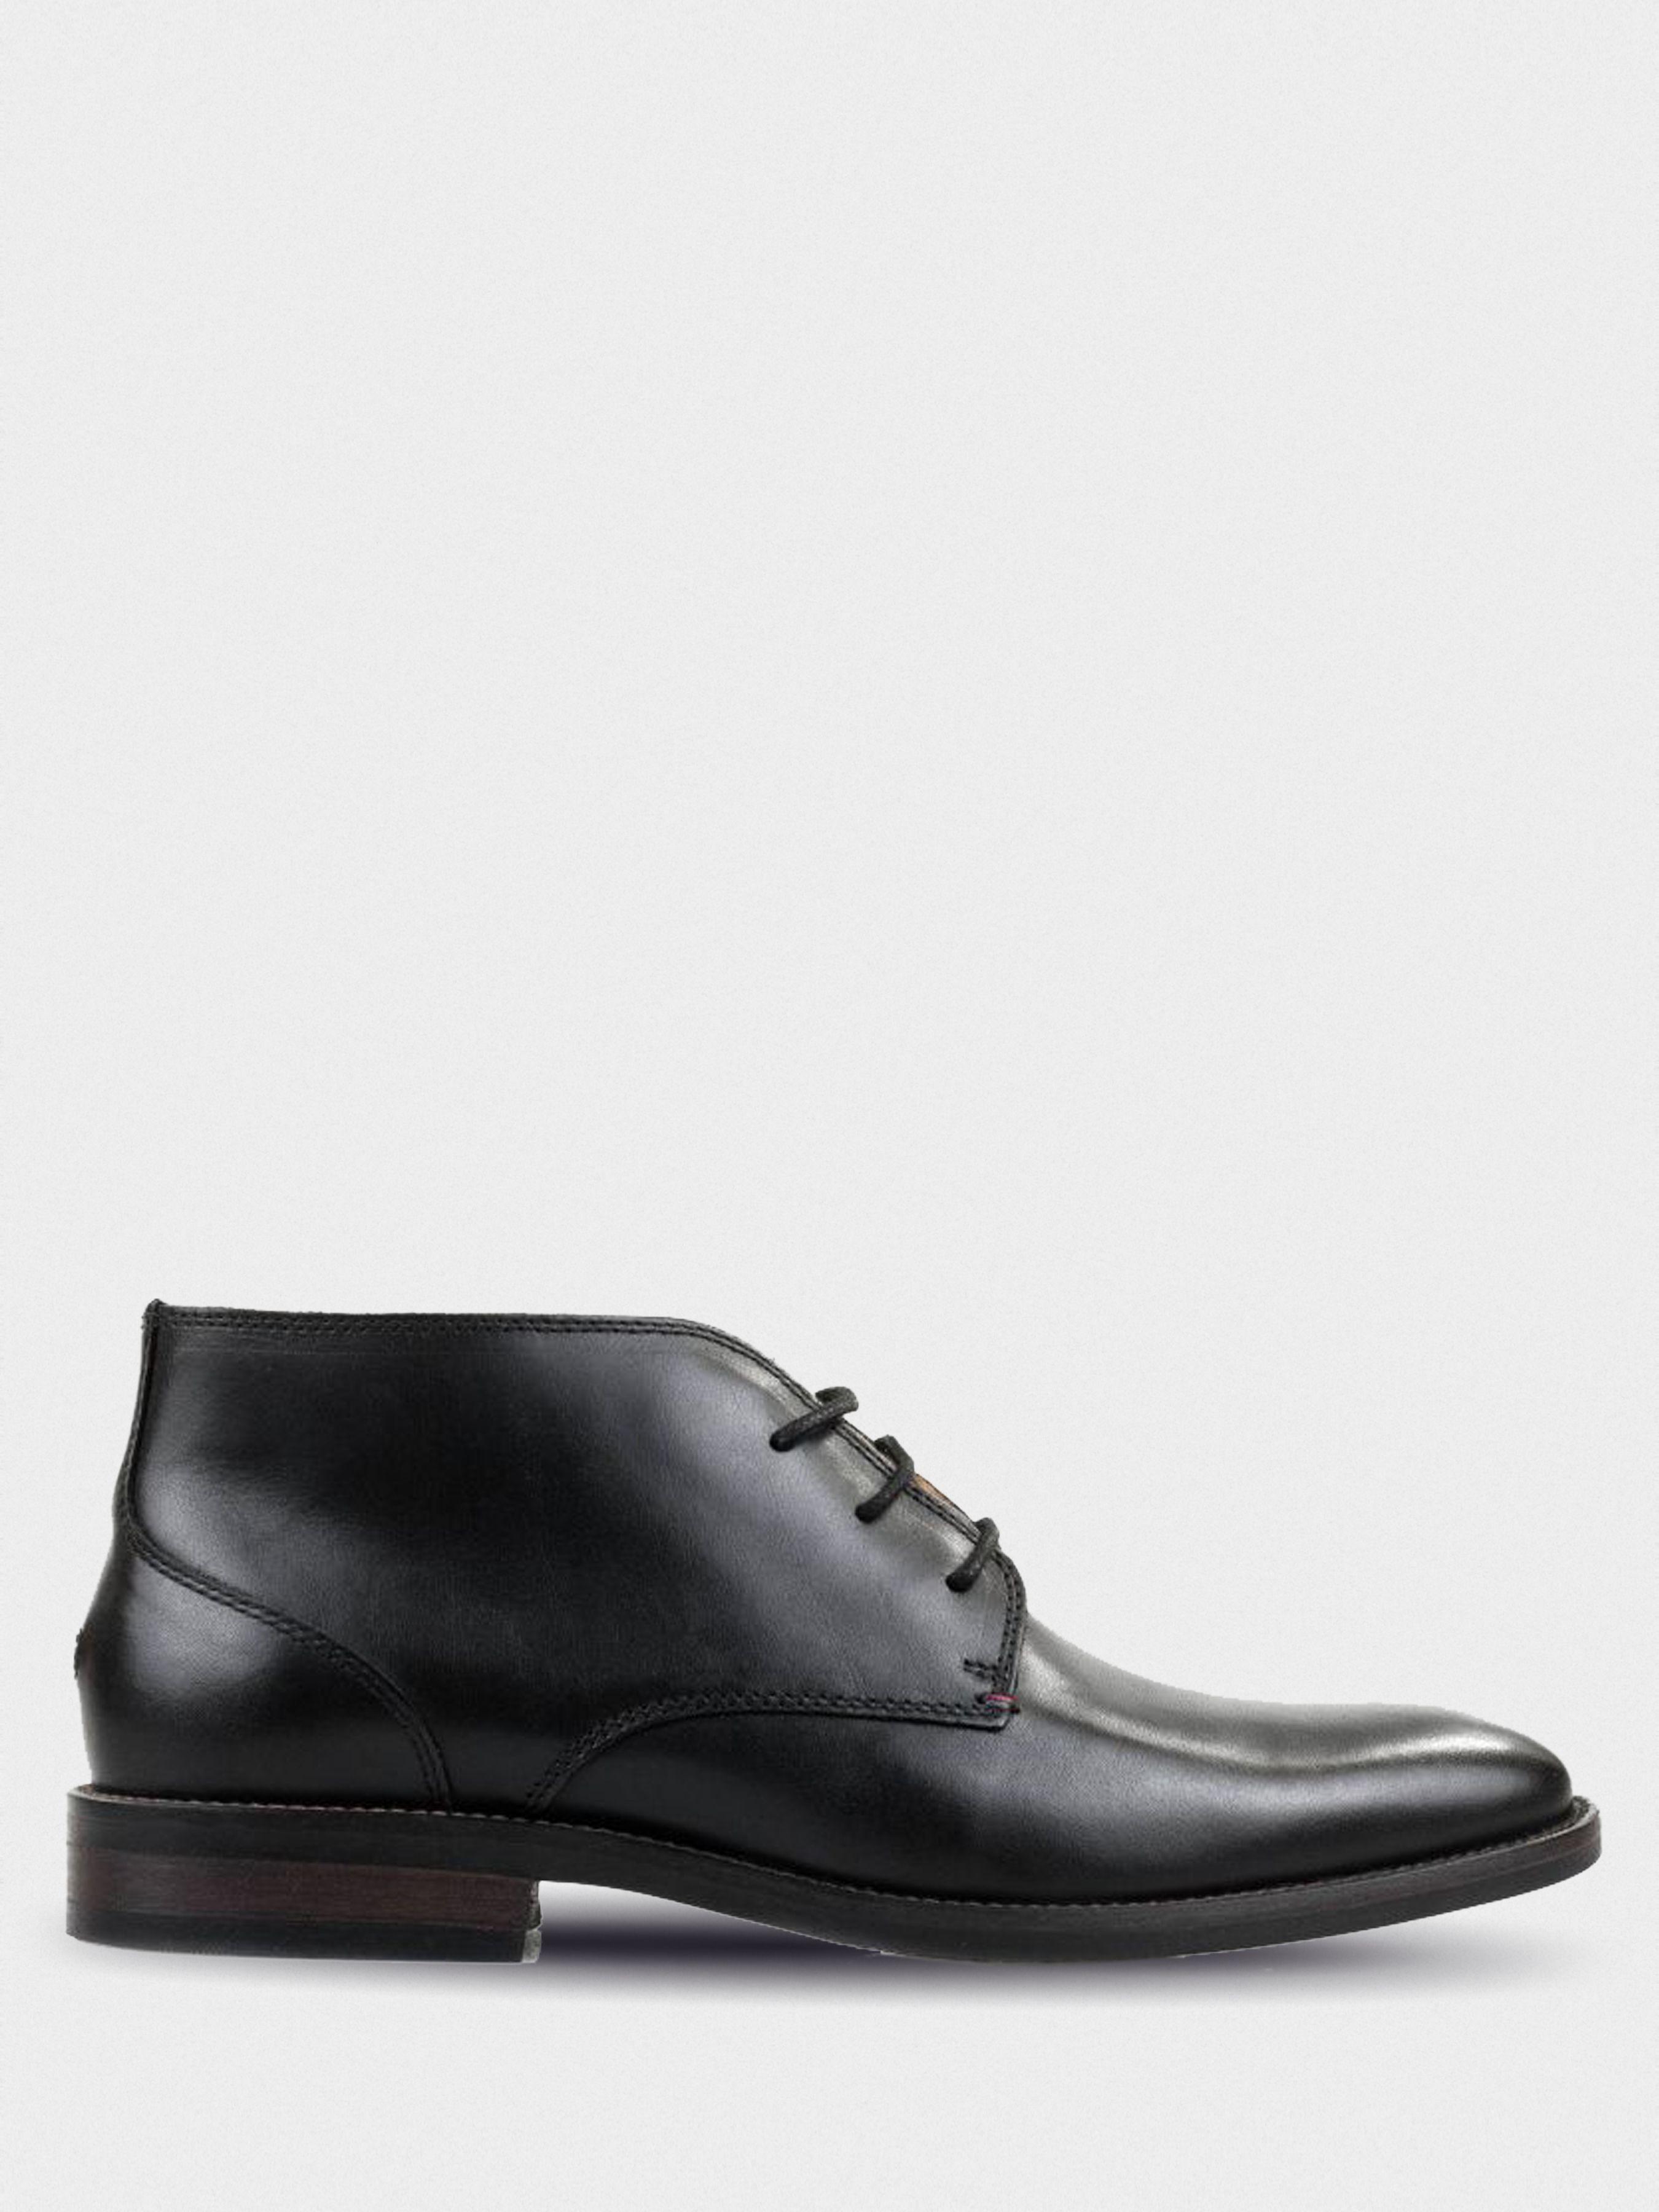 Купить Ботинки мужские Tommy Hilfiger TE702, Черный